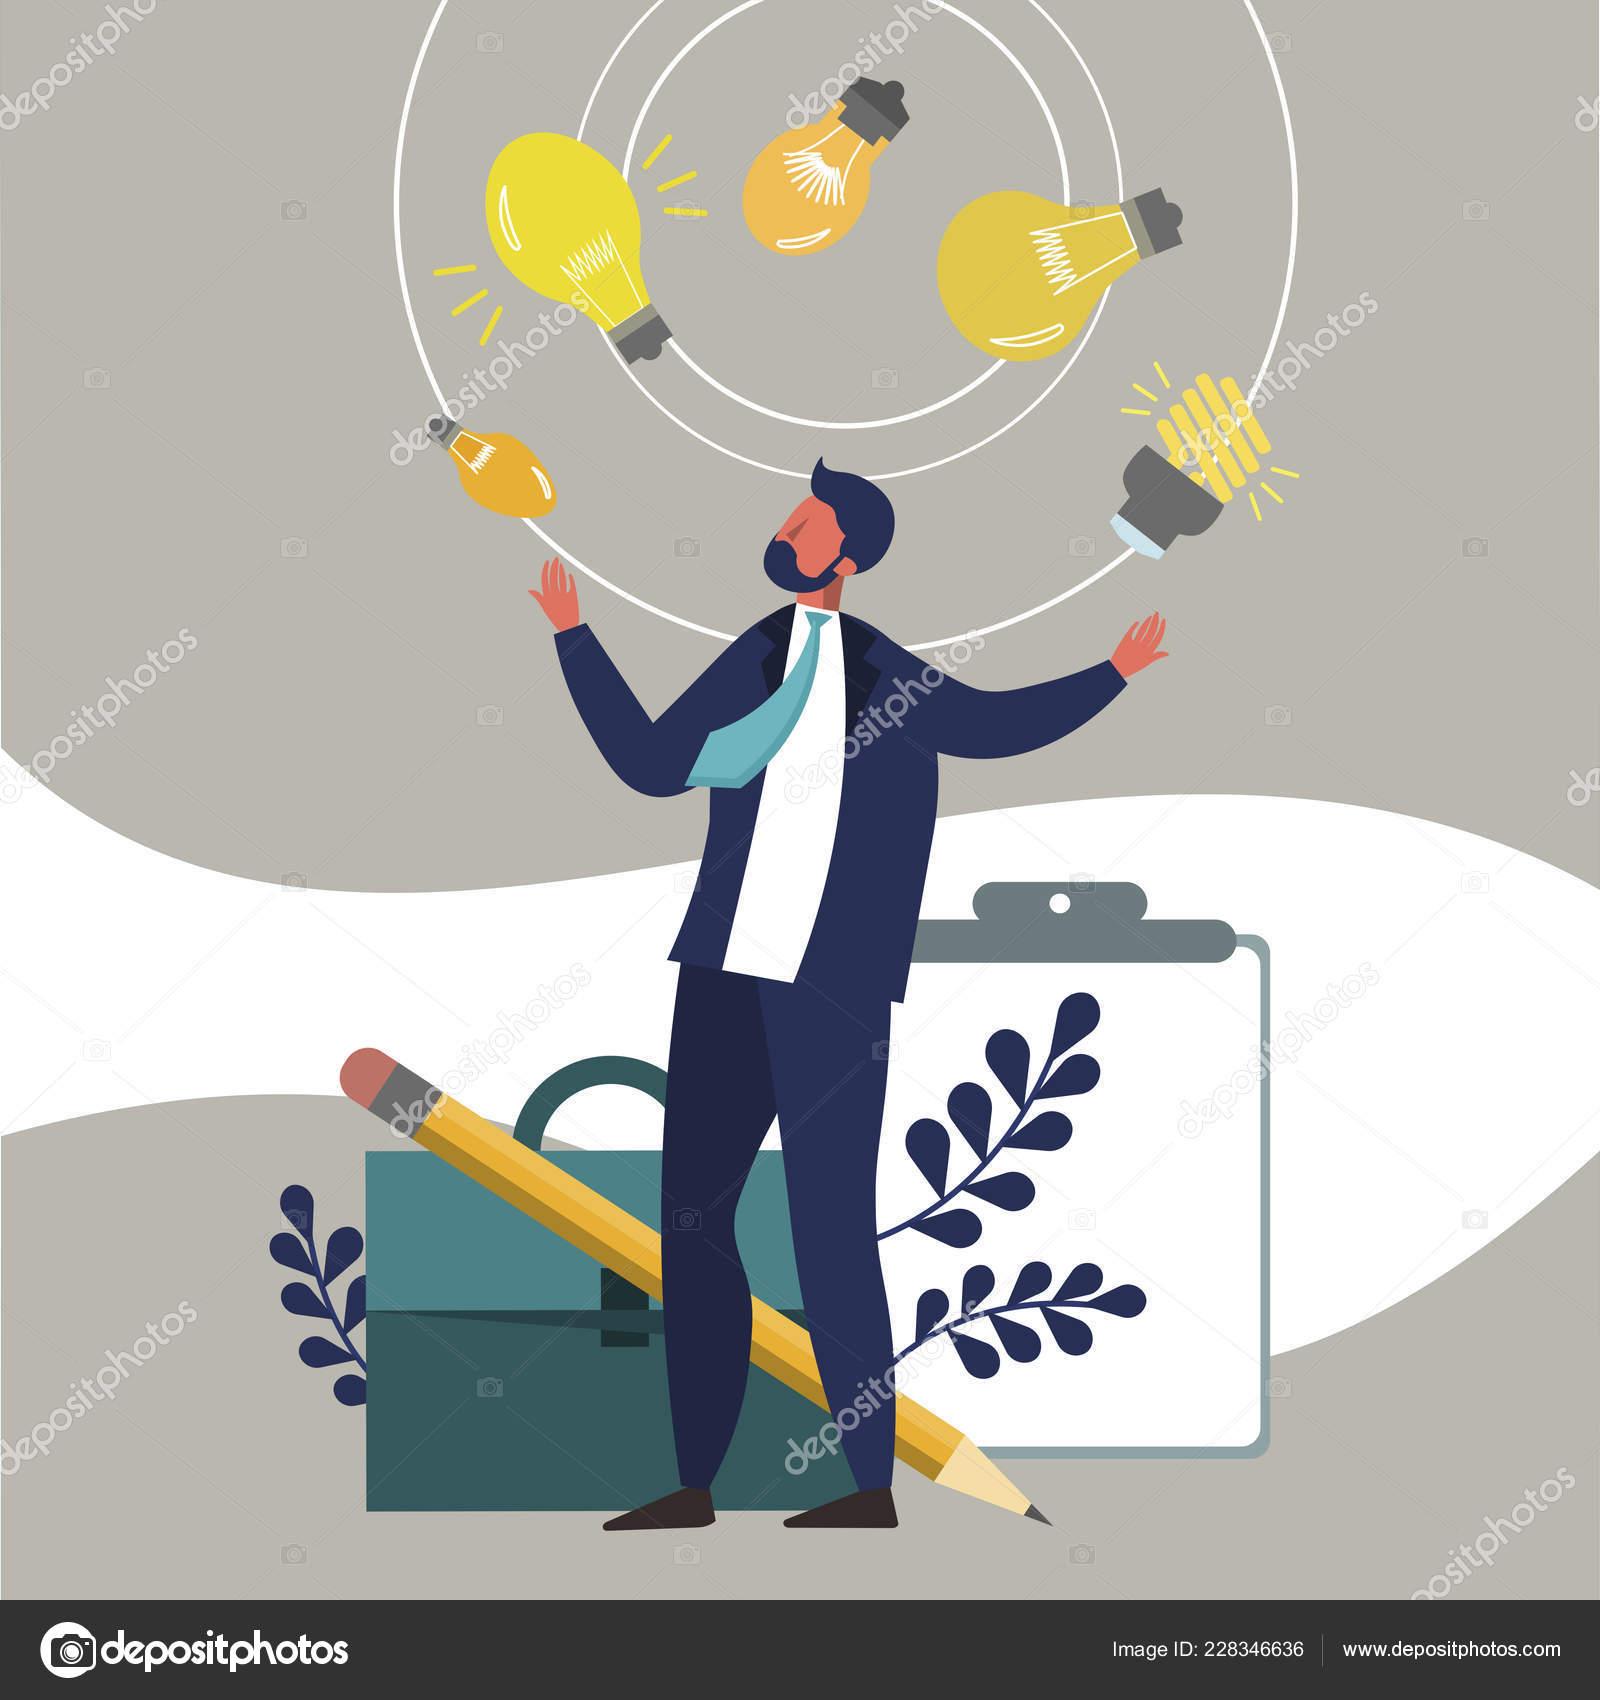 Empresário Faz Malabarismos Com Ideias Estilo Simples